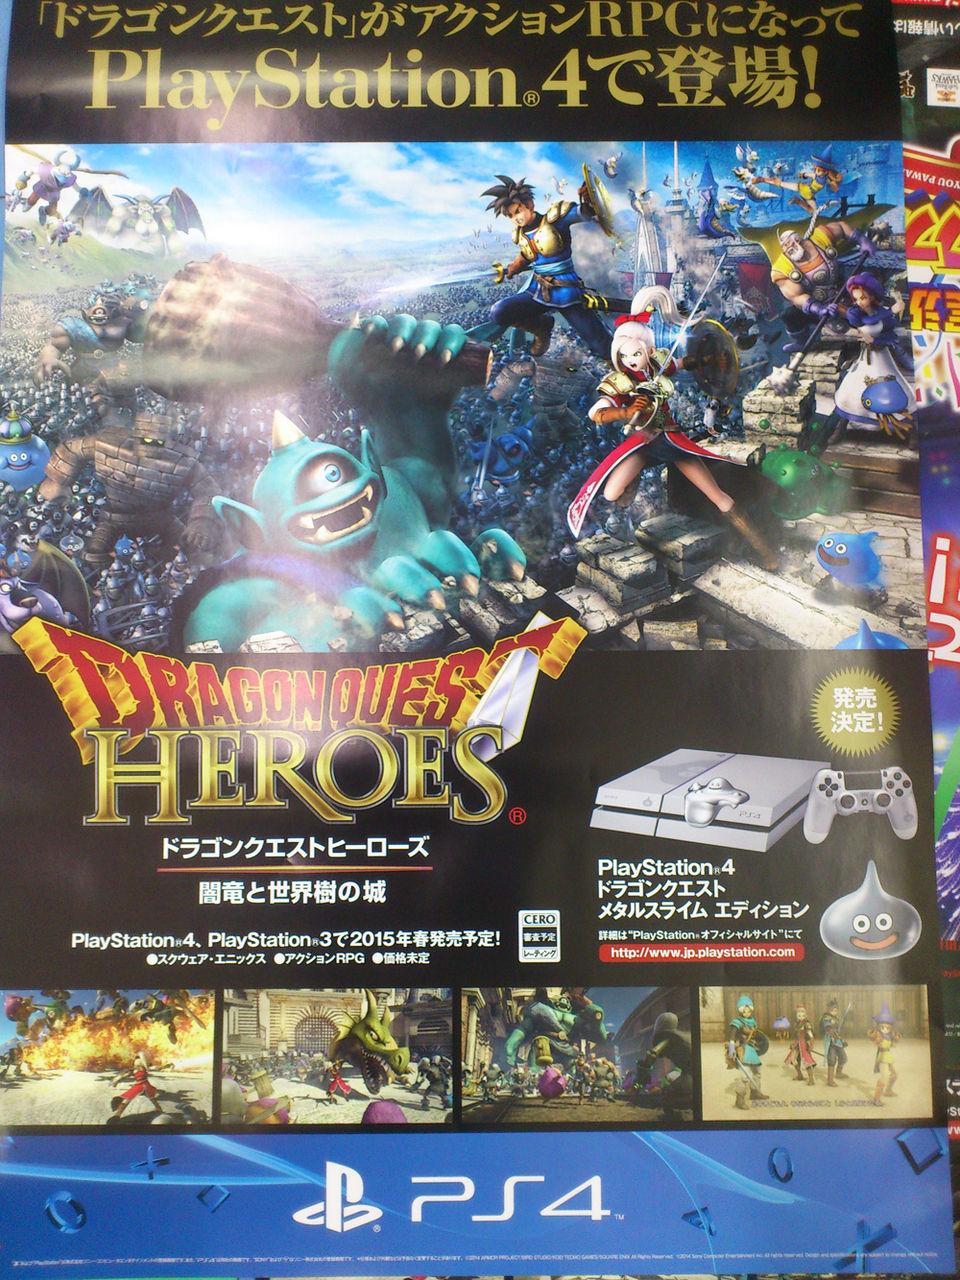 【速報】 PS4「ドラクエ ヒーローズ」、全キャラボイス付き